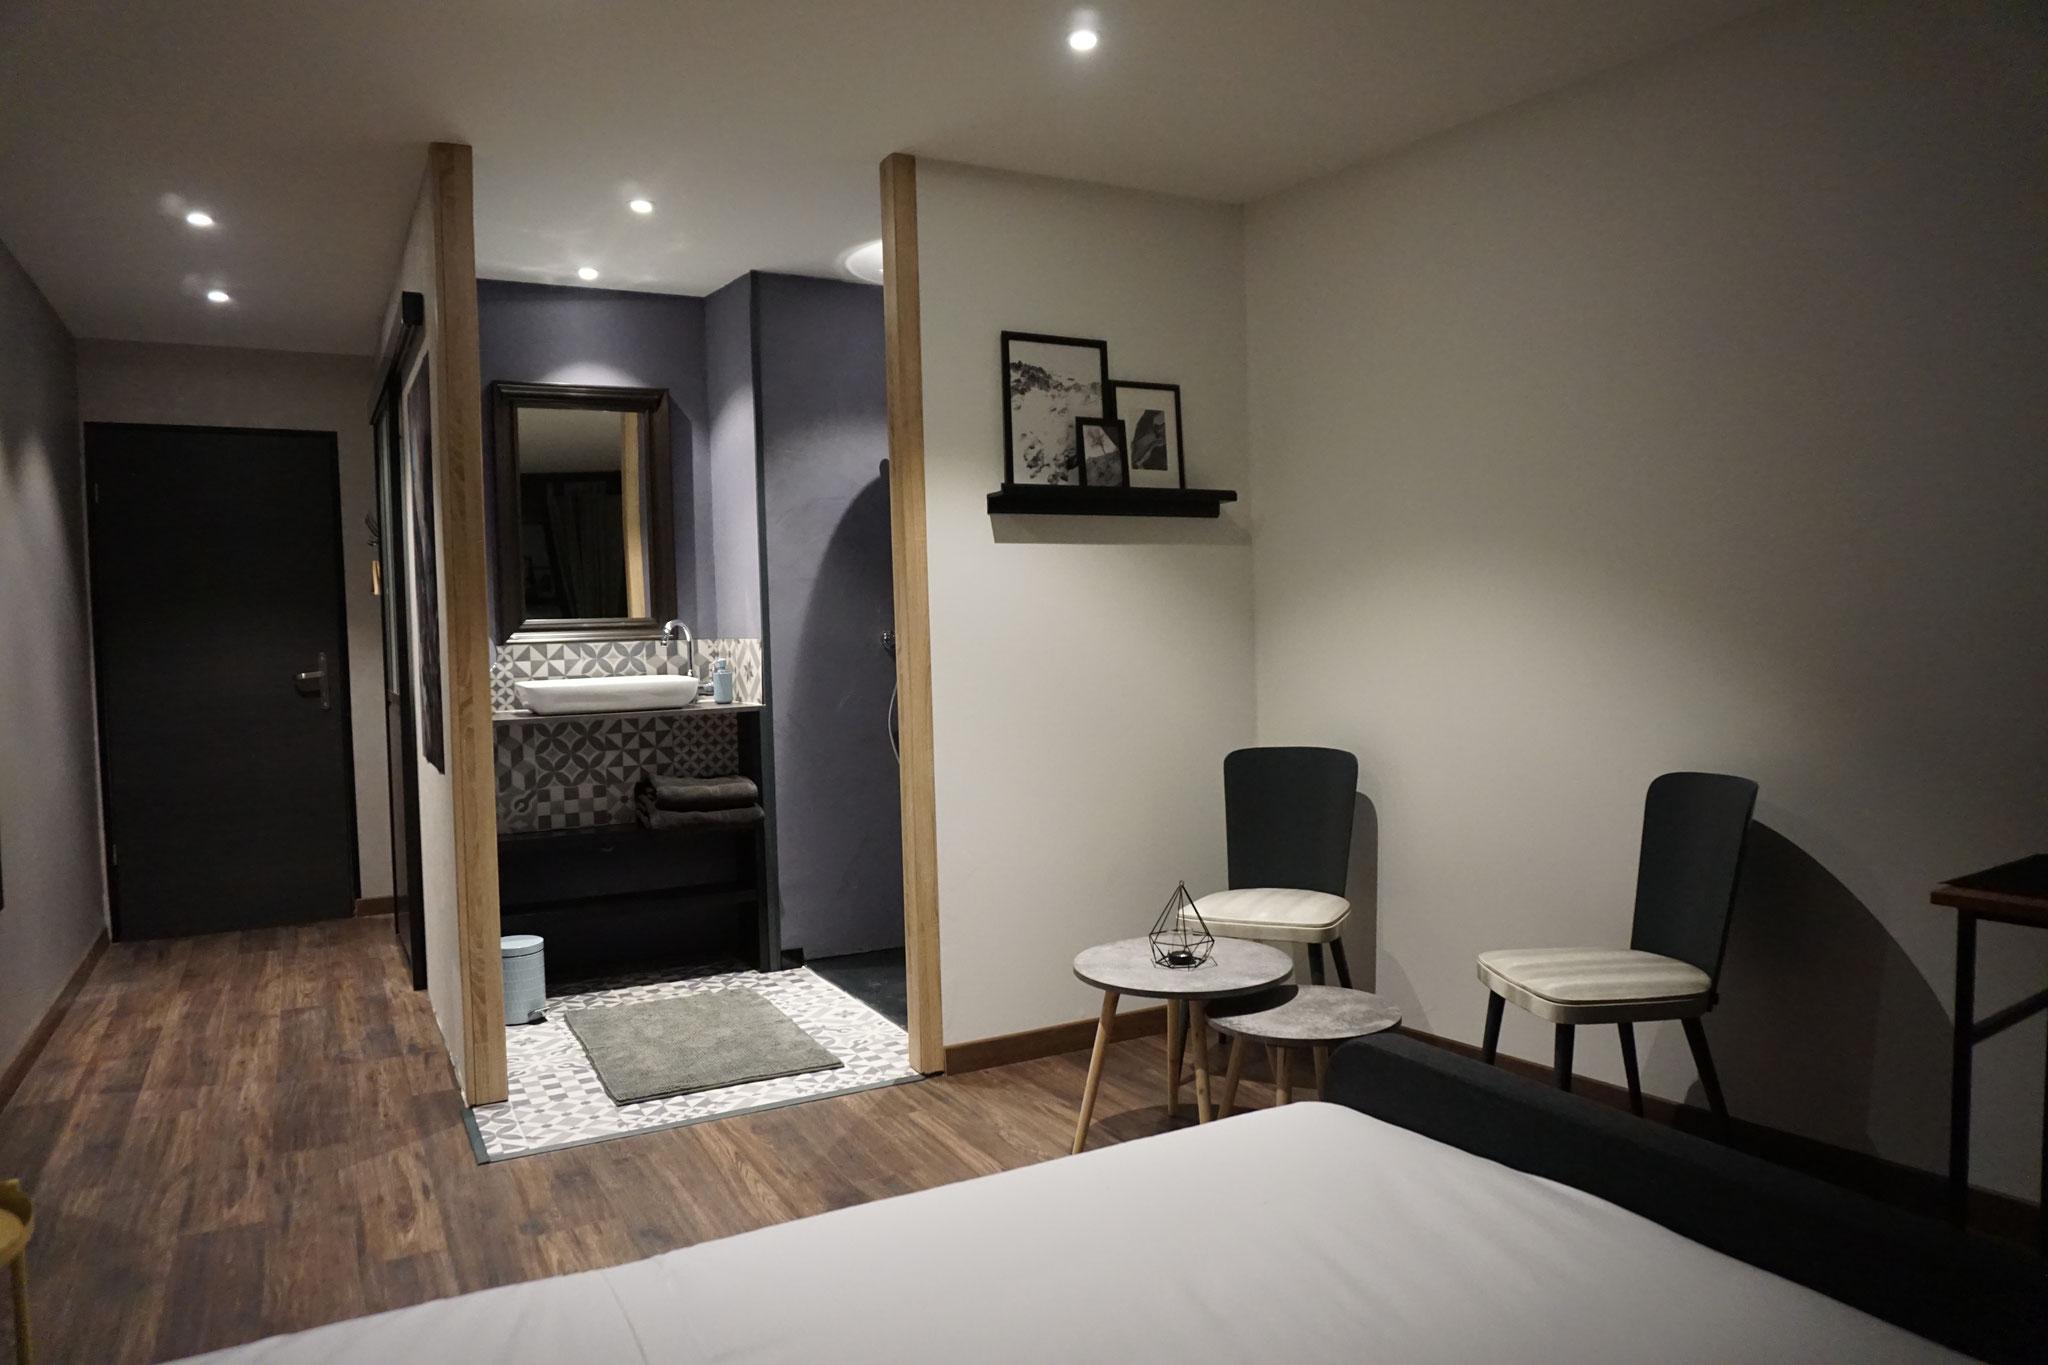 """Gîte """"Les Cépages"""", vue intérieure de la Chambre """"Minérale"""" : lit, espace de vie, salle de bain, entrée"""